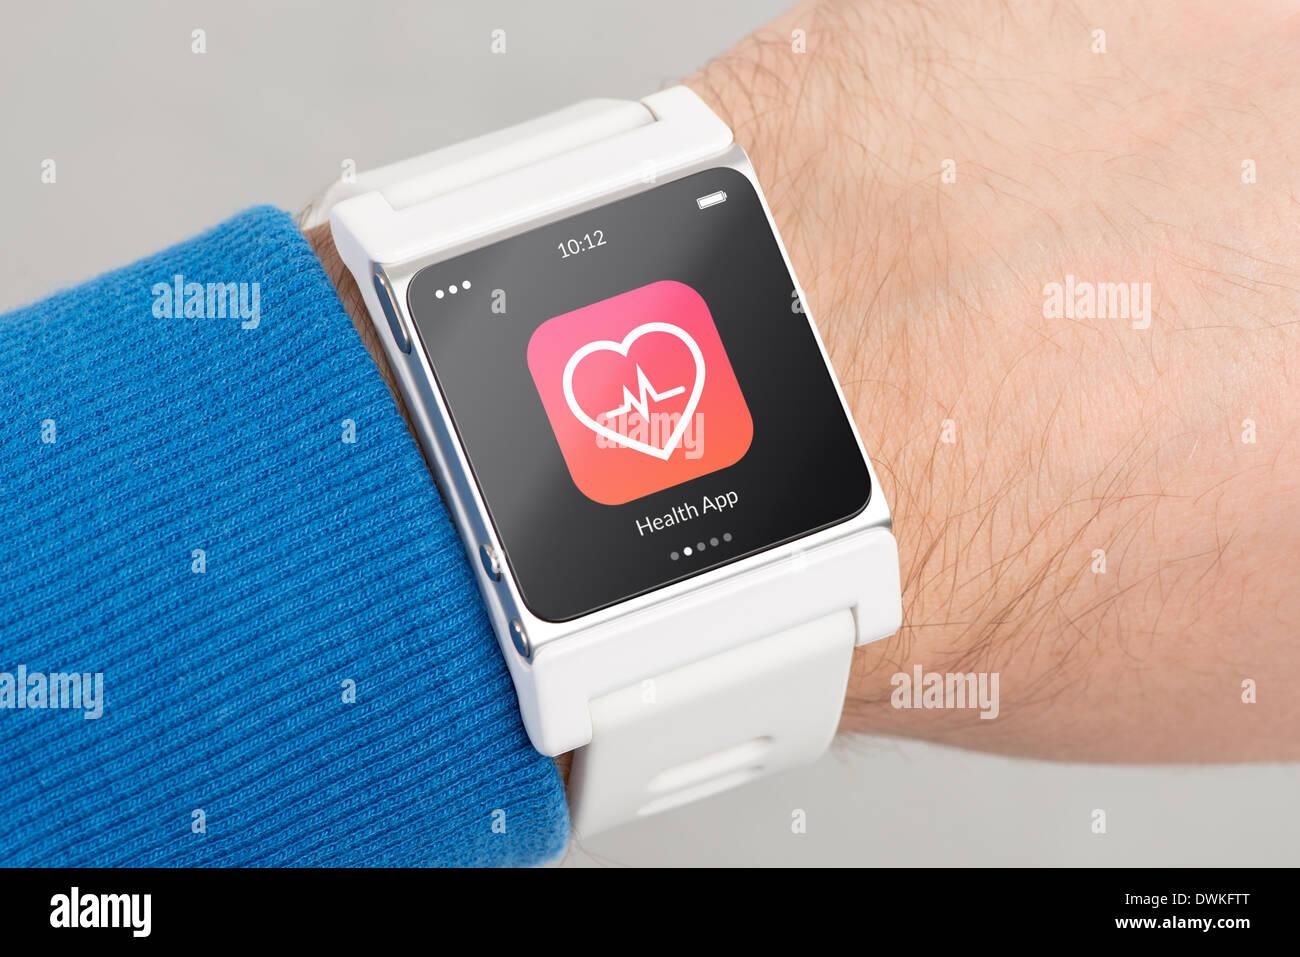 Cerrar blanco salud Smart Watch con el icono de app en la pantalla está en la mano Imagen De Stock